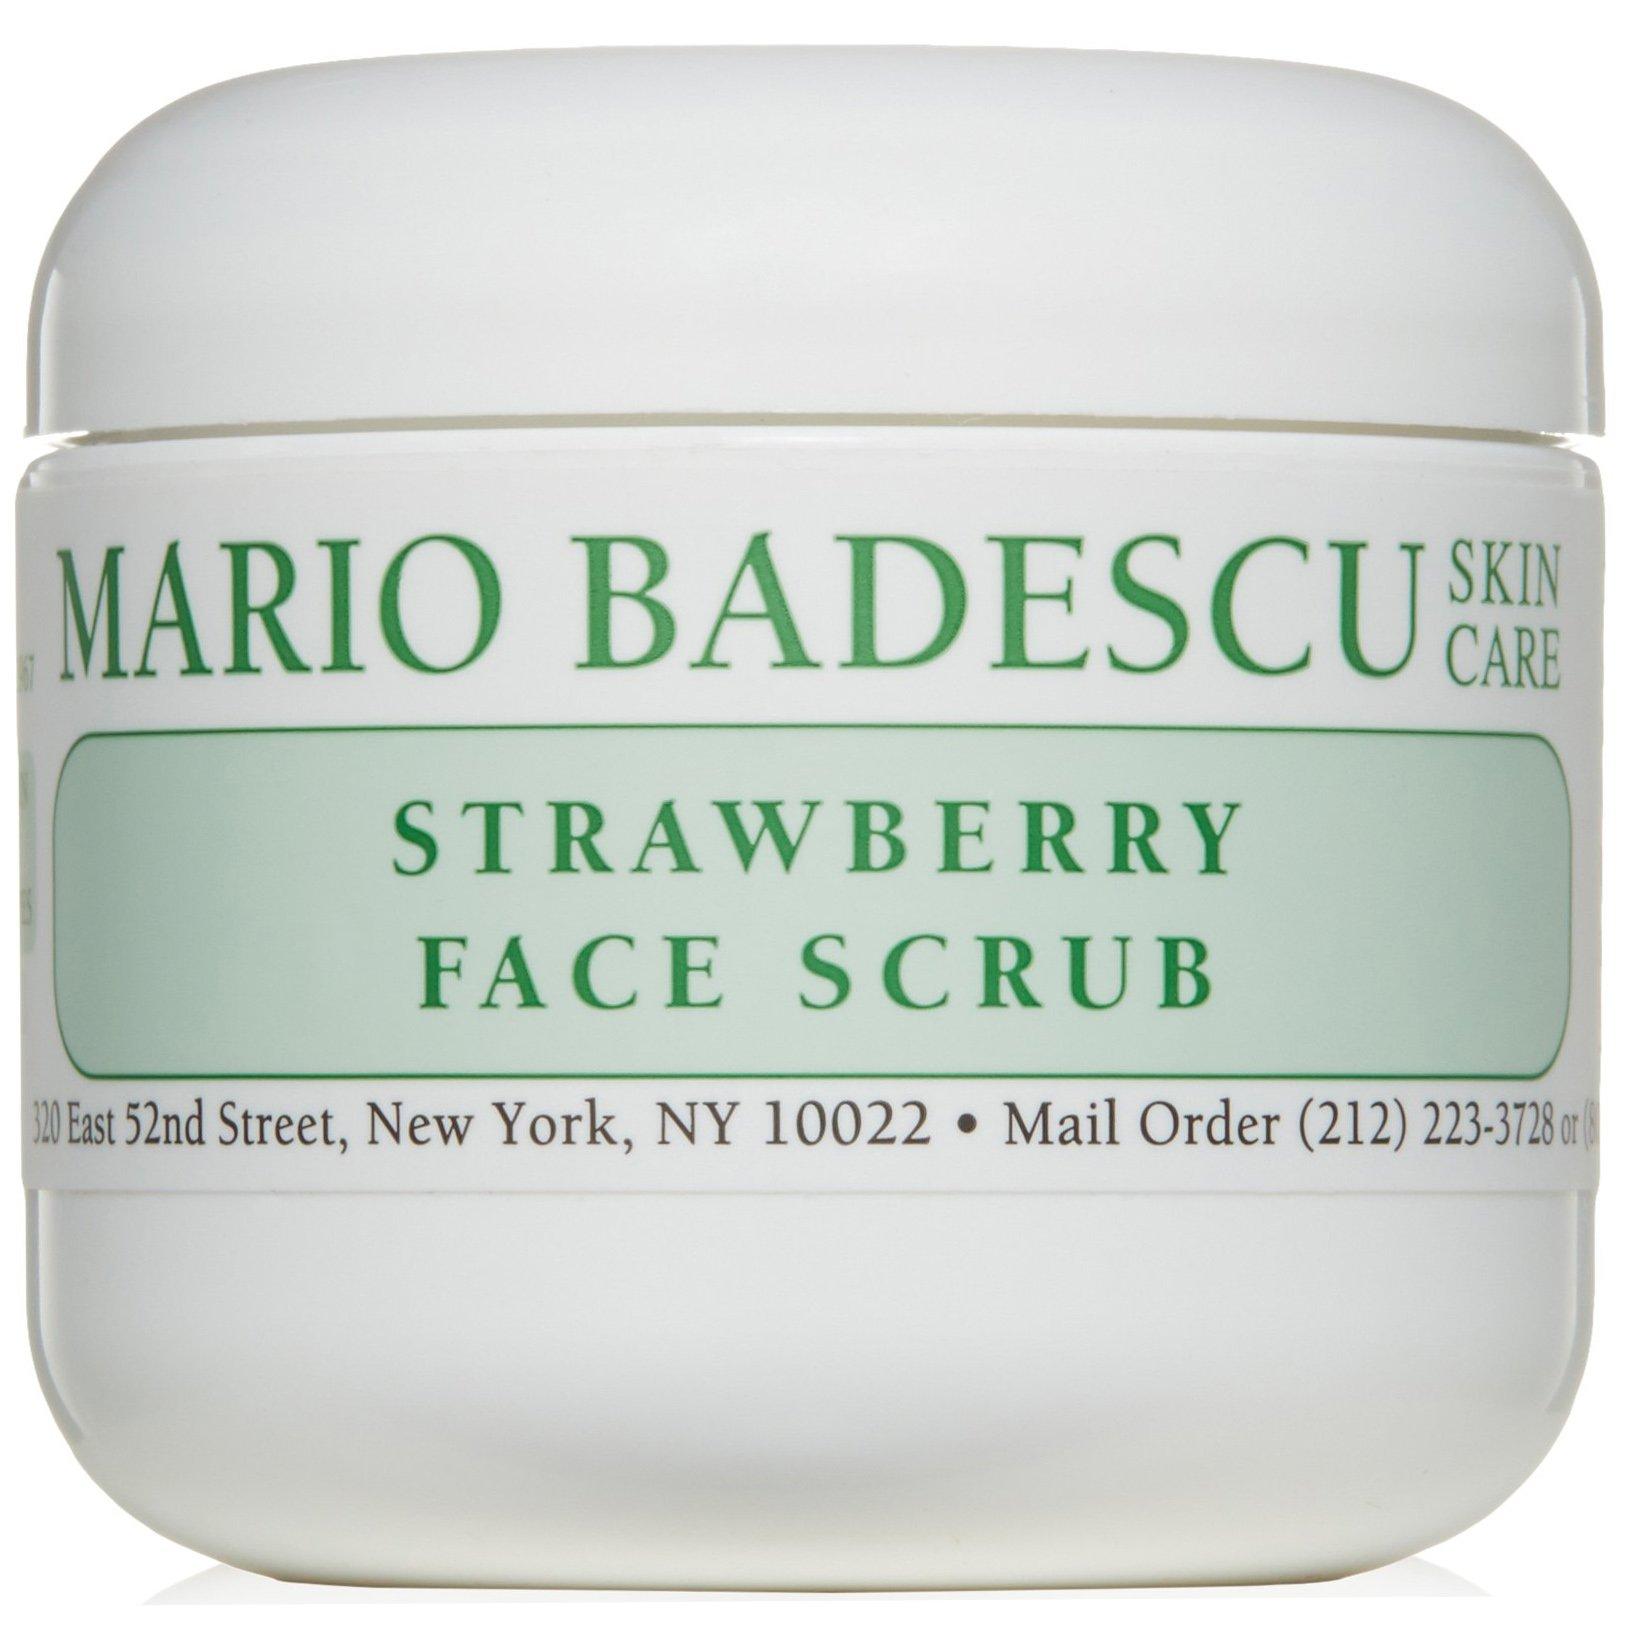 Mario Badescu Strawberry Face Scrub Απολαυστικό Scrub για Απαλό & Φωτεινό Αποτέλεσμα, Όλοι οι Τύποι Επιδερμίδας 118ml